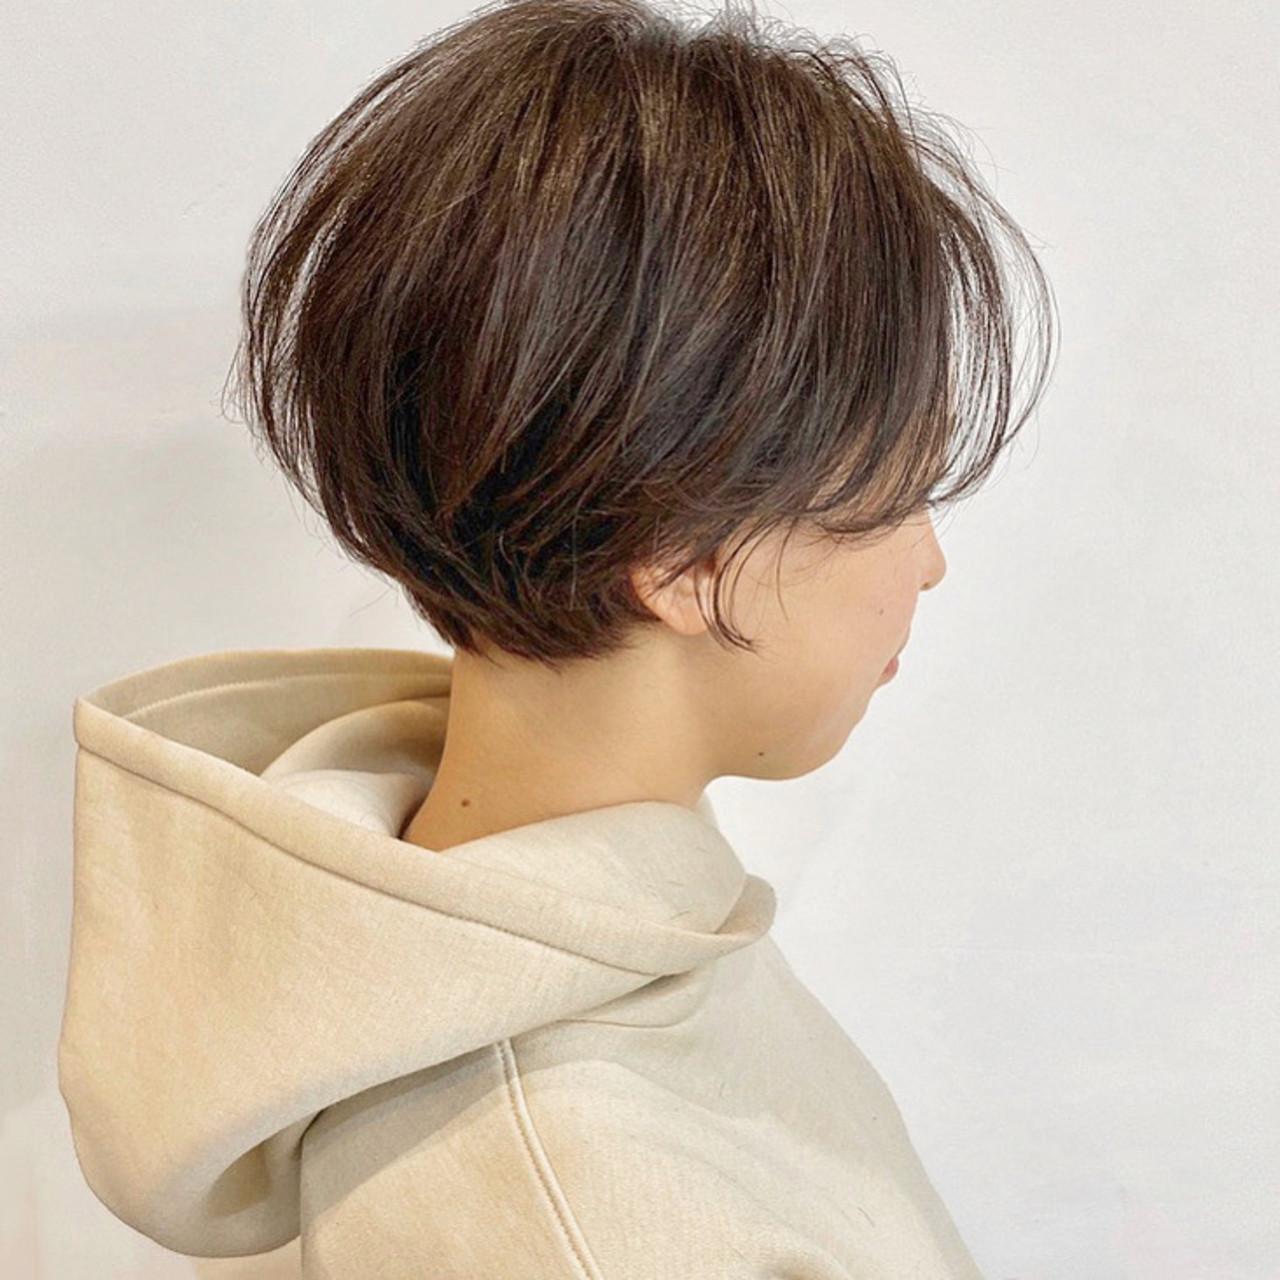 アンニュイ ショートヘア ショート 大人かわいい ヘアスタイルや髪型の写真・画像 | 【ショート&ショートボブはお任せください】淺川聖 / parc sapporo